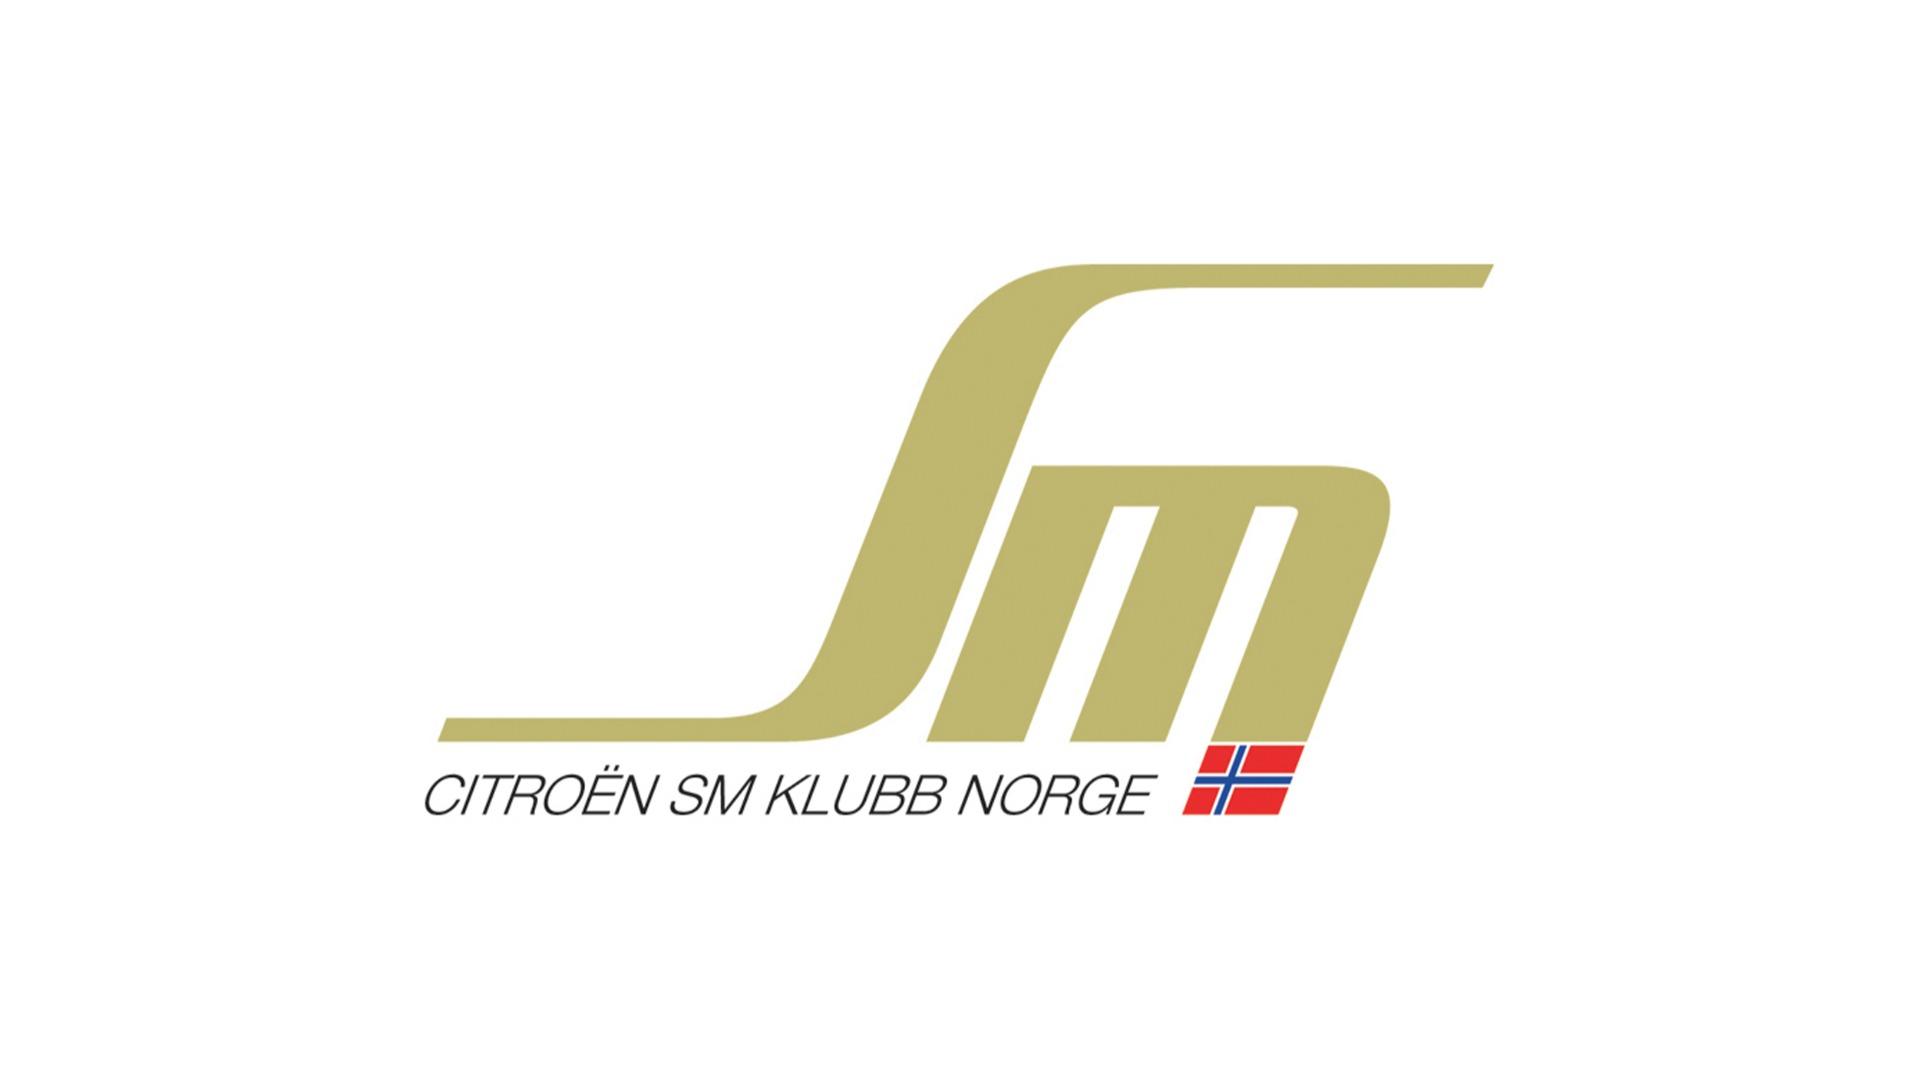 citroen+sm+klubb+norge-Fullskjerm.jpg